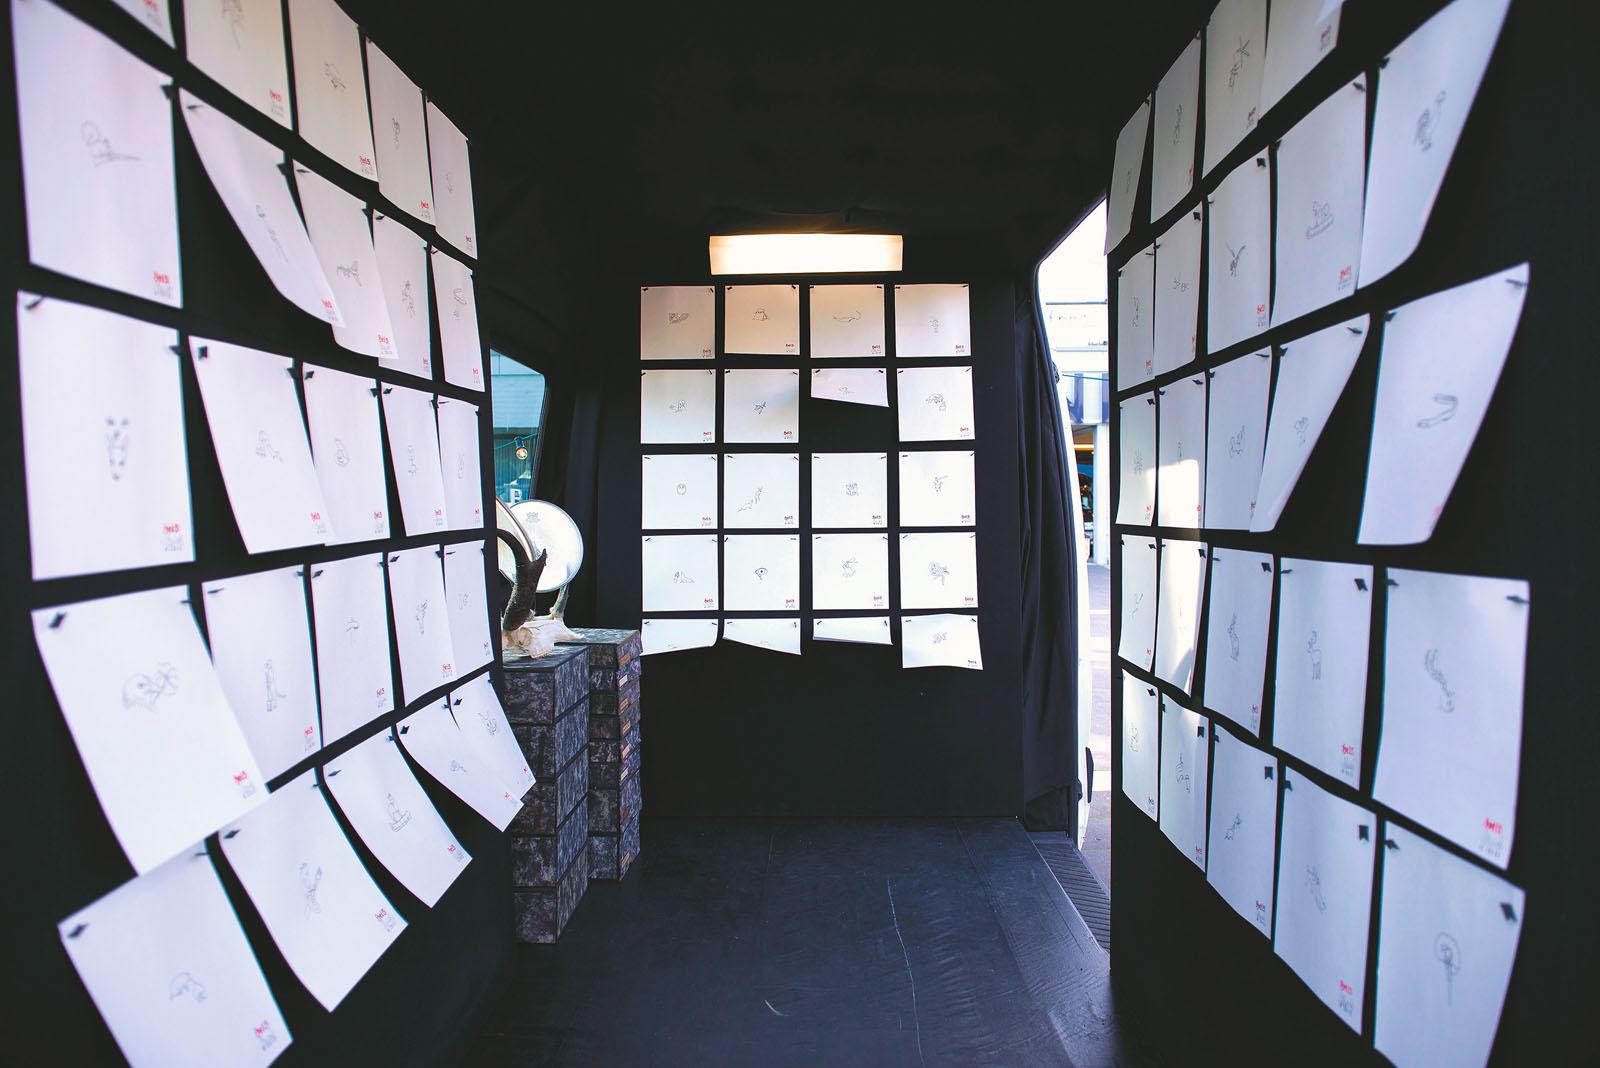 """Installationsansicht """"Hel5: Radical Ink"""", 2012, Art Cargo Bay, Jahrhunderthalle Frankfurt a. M."""